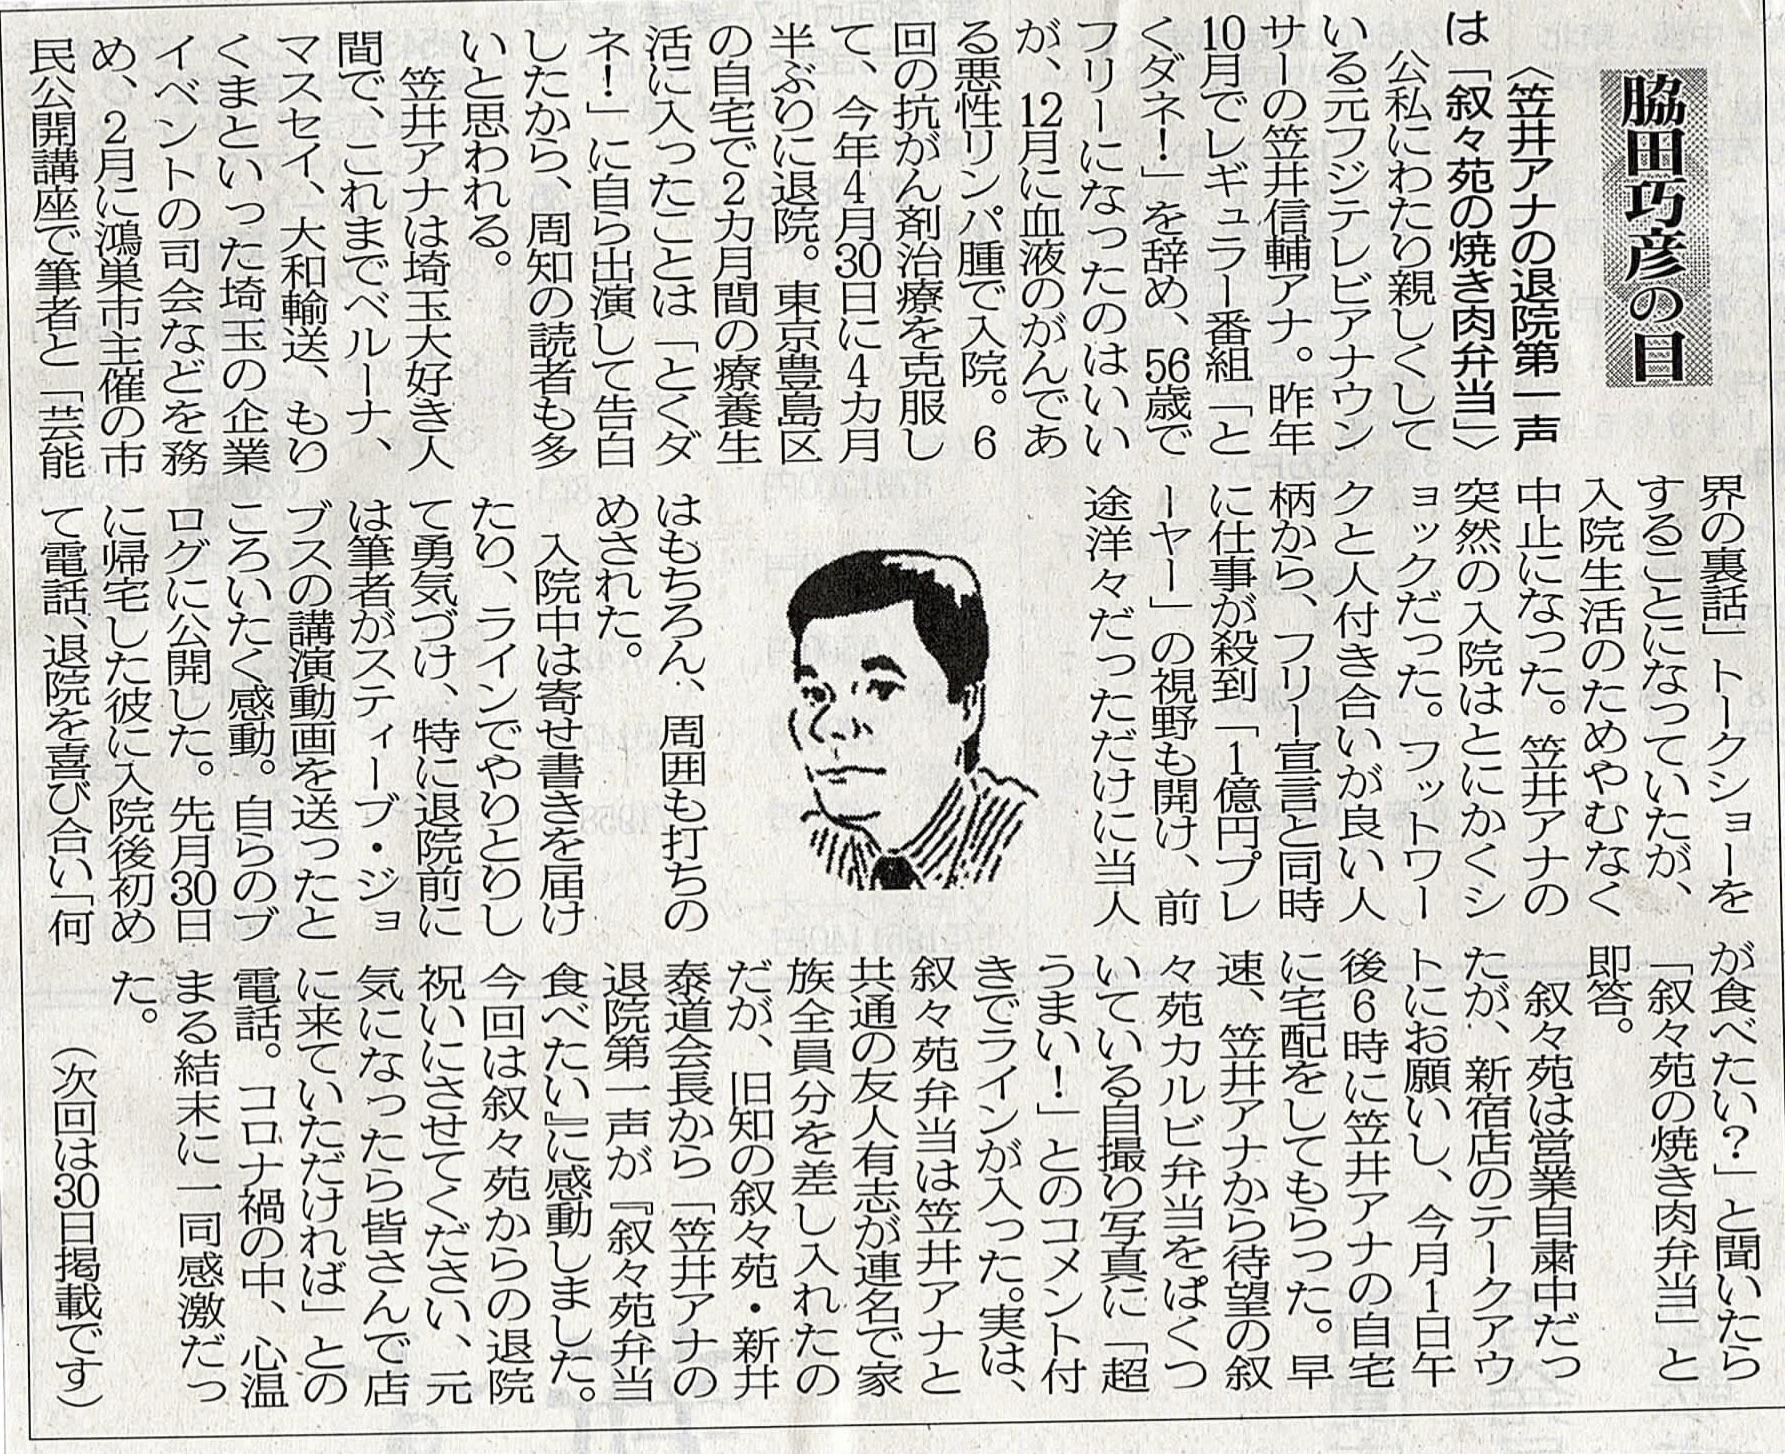 2020年5月16日 笠井アナの退院第一声は「叙々苑の焼肉弁当」